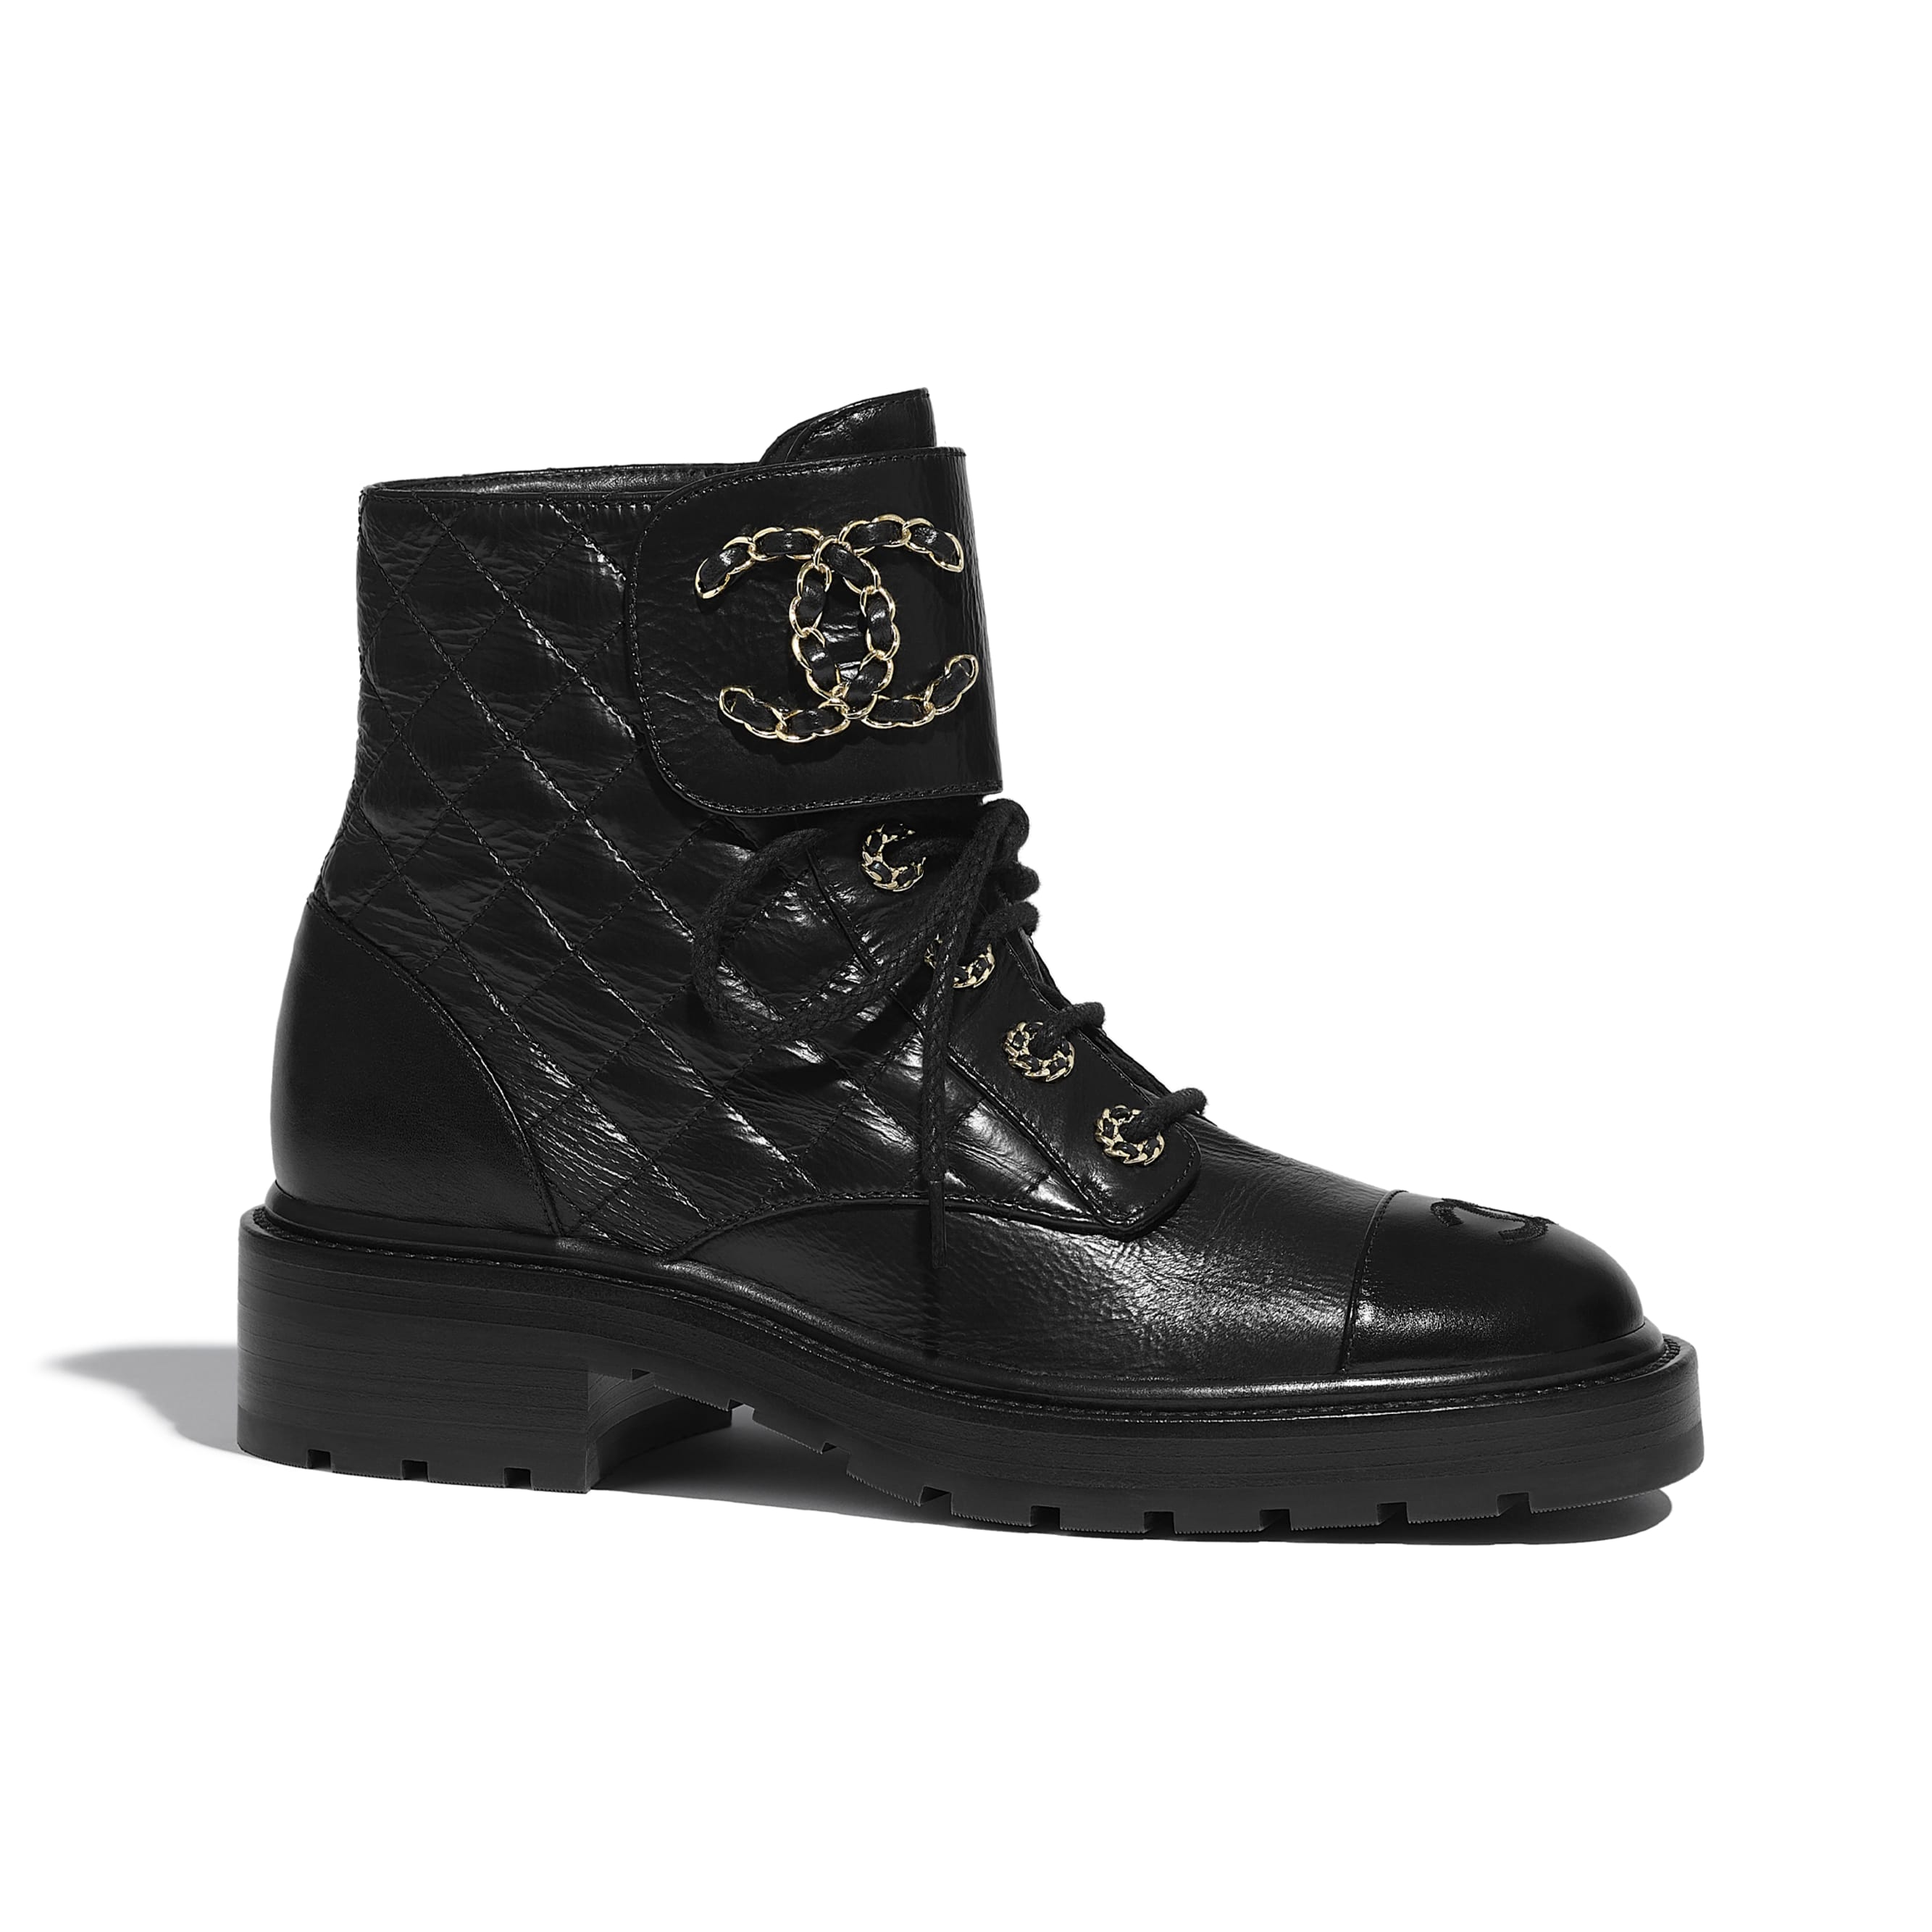 Ботинки на шнуровке - Черный - Блестящая кожа козы и кожа теленка - CHANEL - Вид по умолчанию - посмотреть изображение стандартного размера